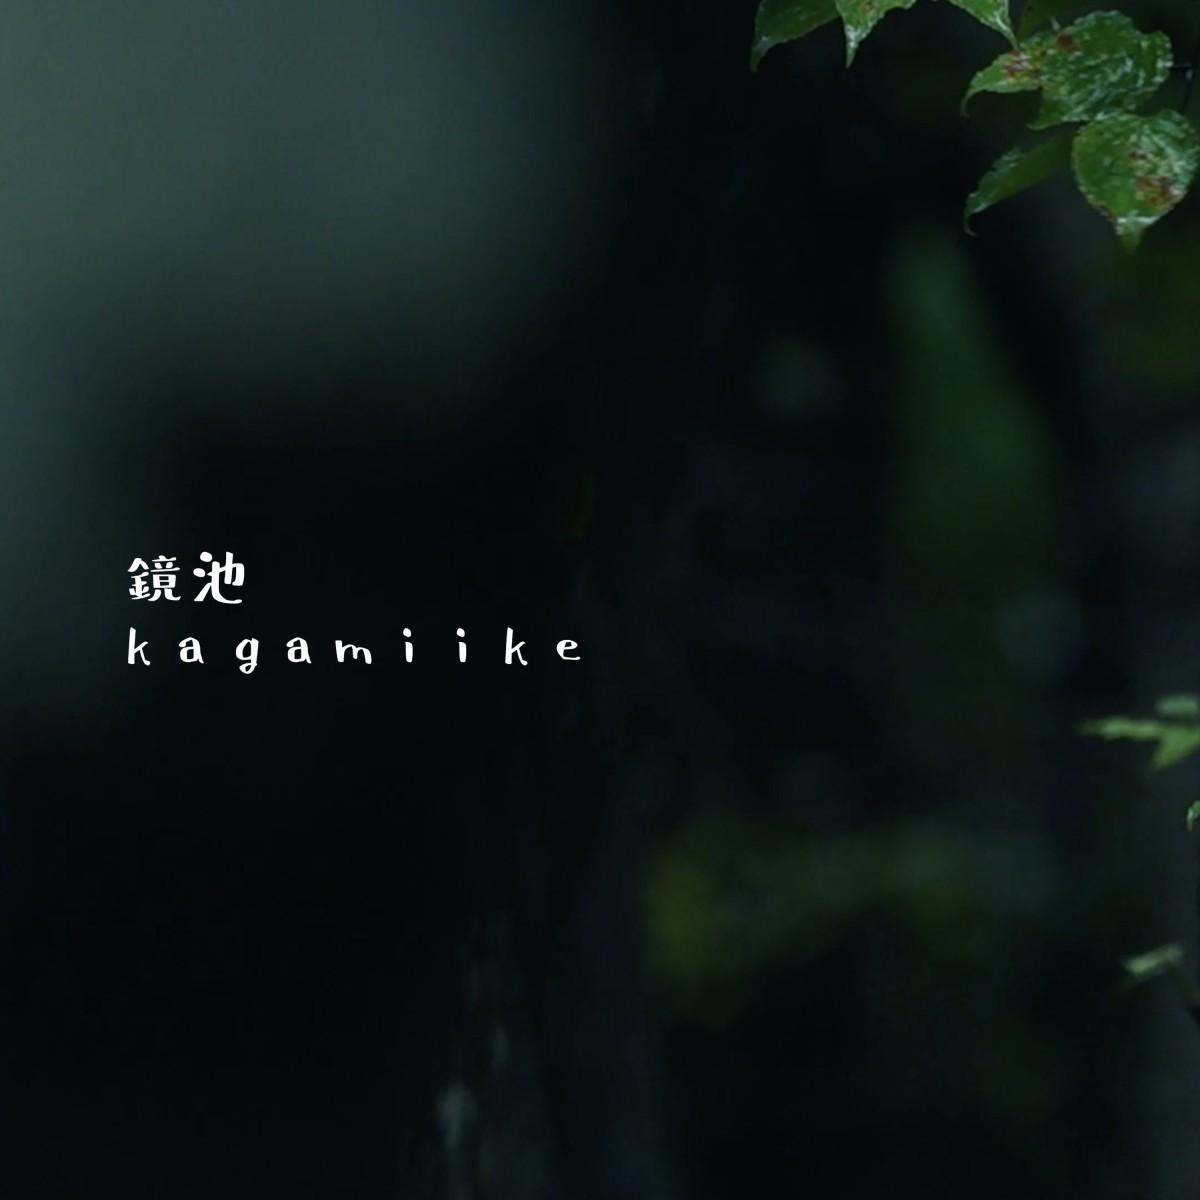 Kagamiike_TCJacket_3000x3000